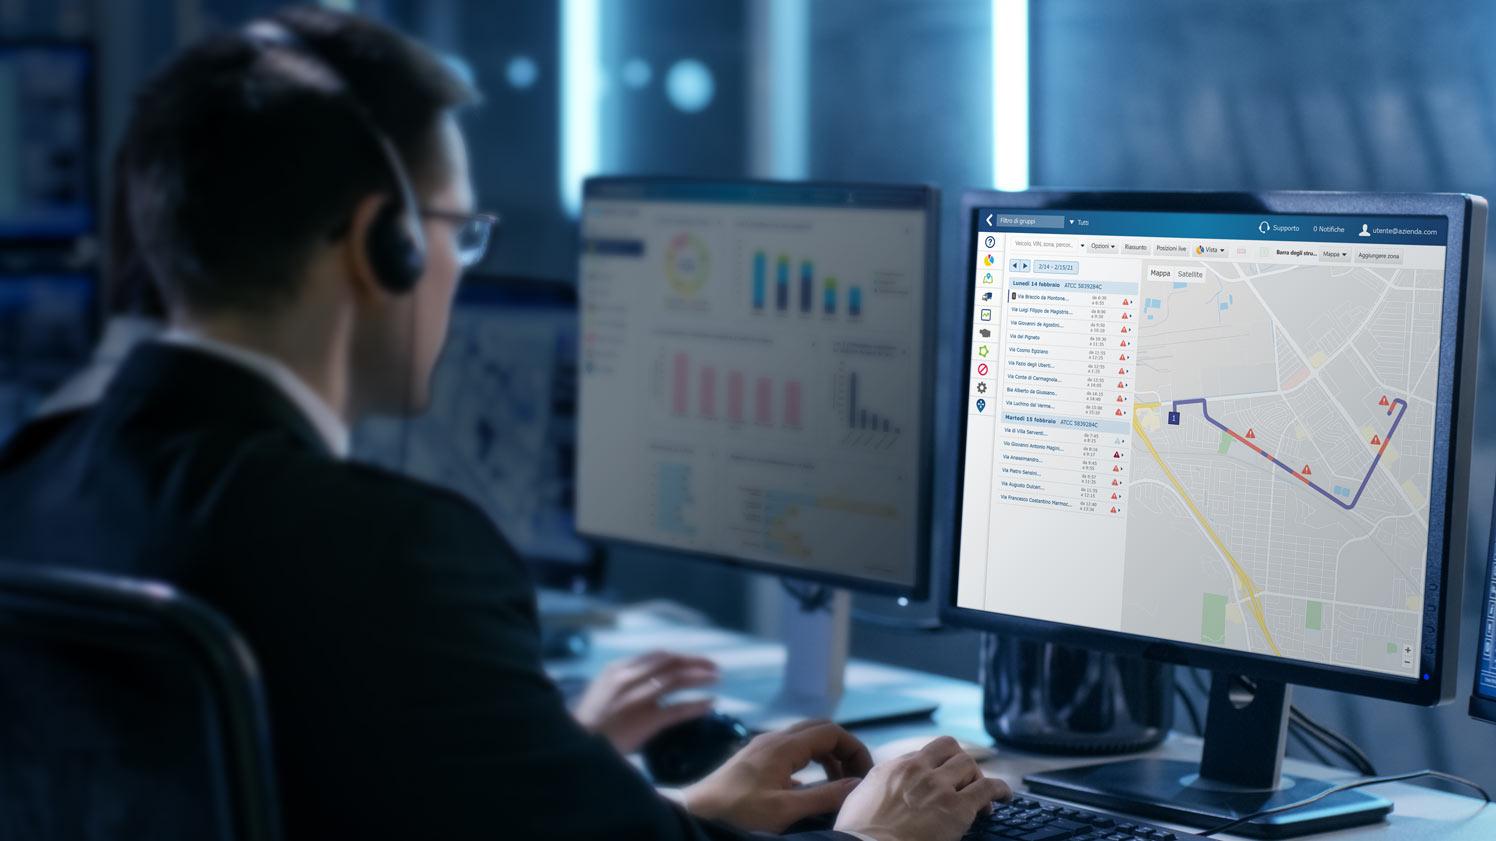 Uomo che naviga nel dashboard di MyGeotab su un monitor per computer